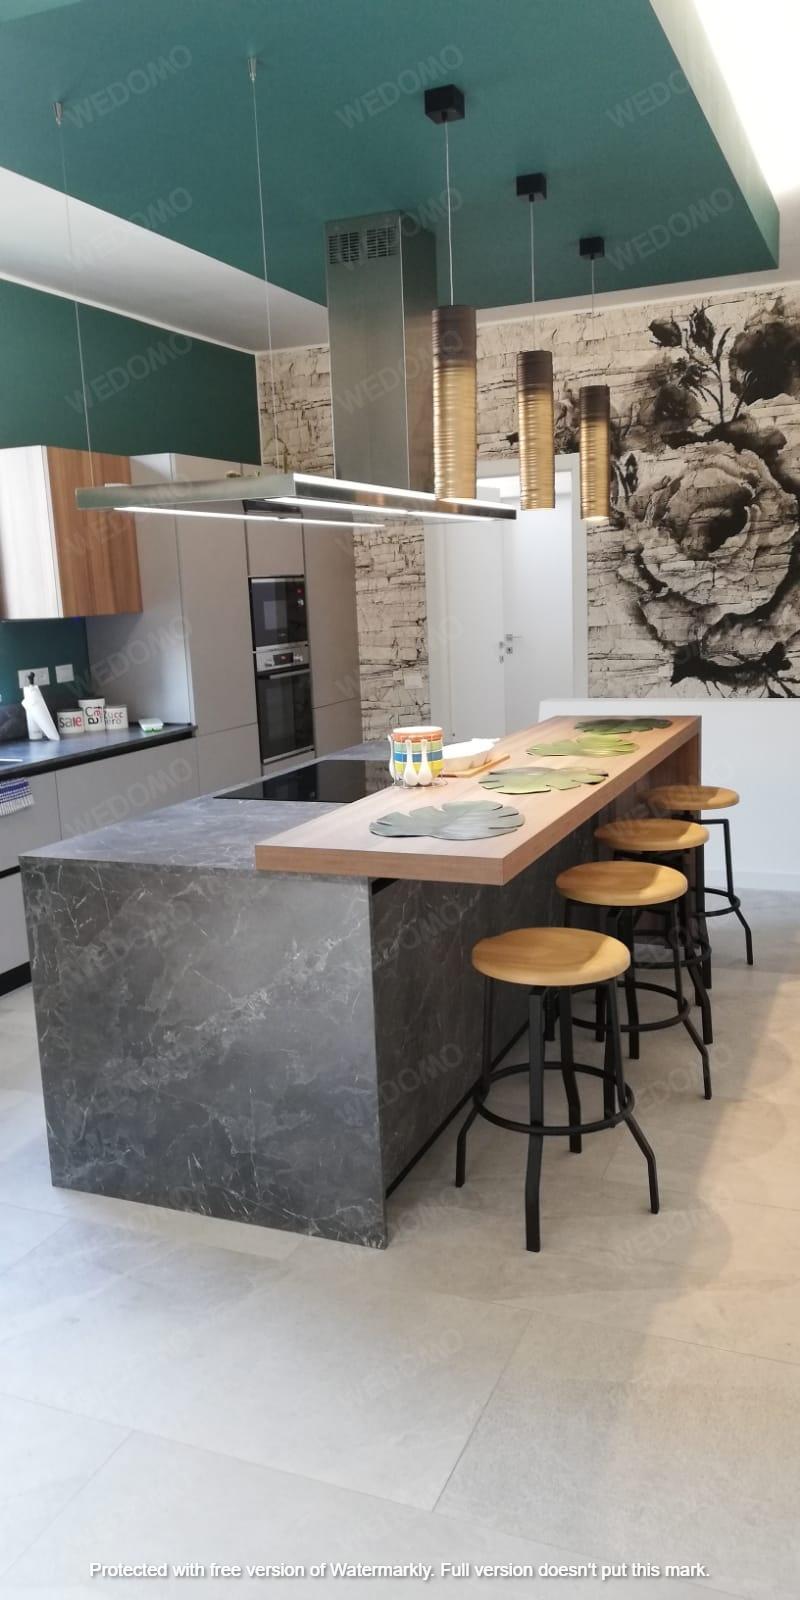 Progettazione d'interni cucina su misura con carta da parati Seregno Monza e Brianza Milano